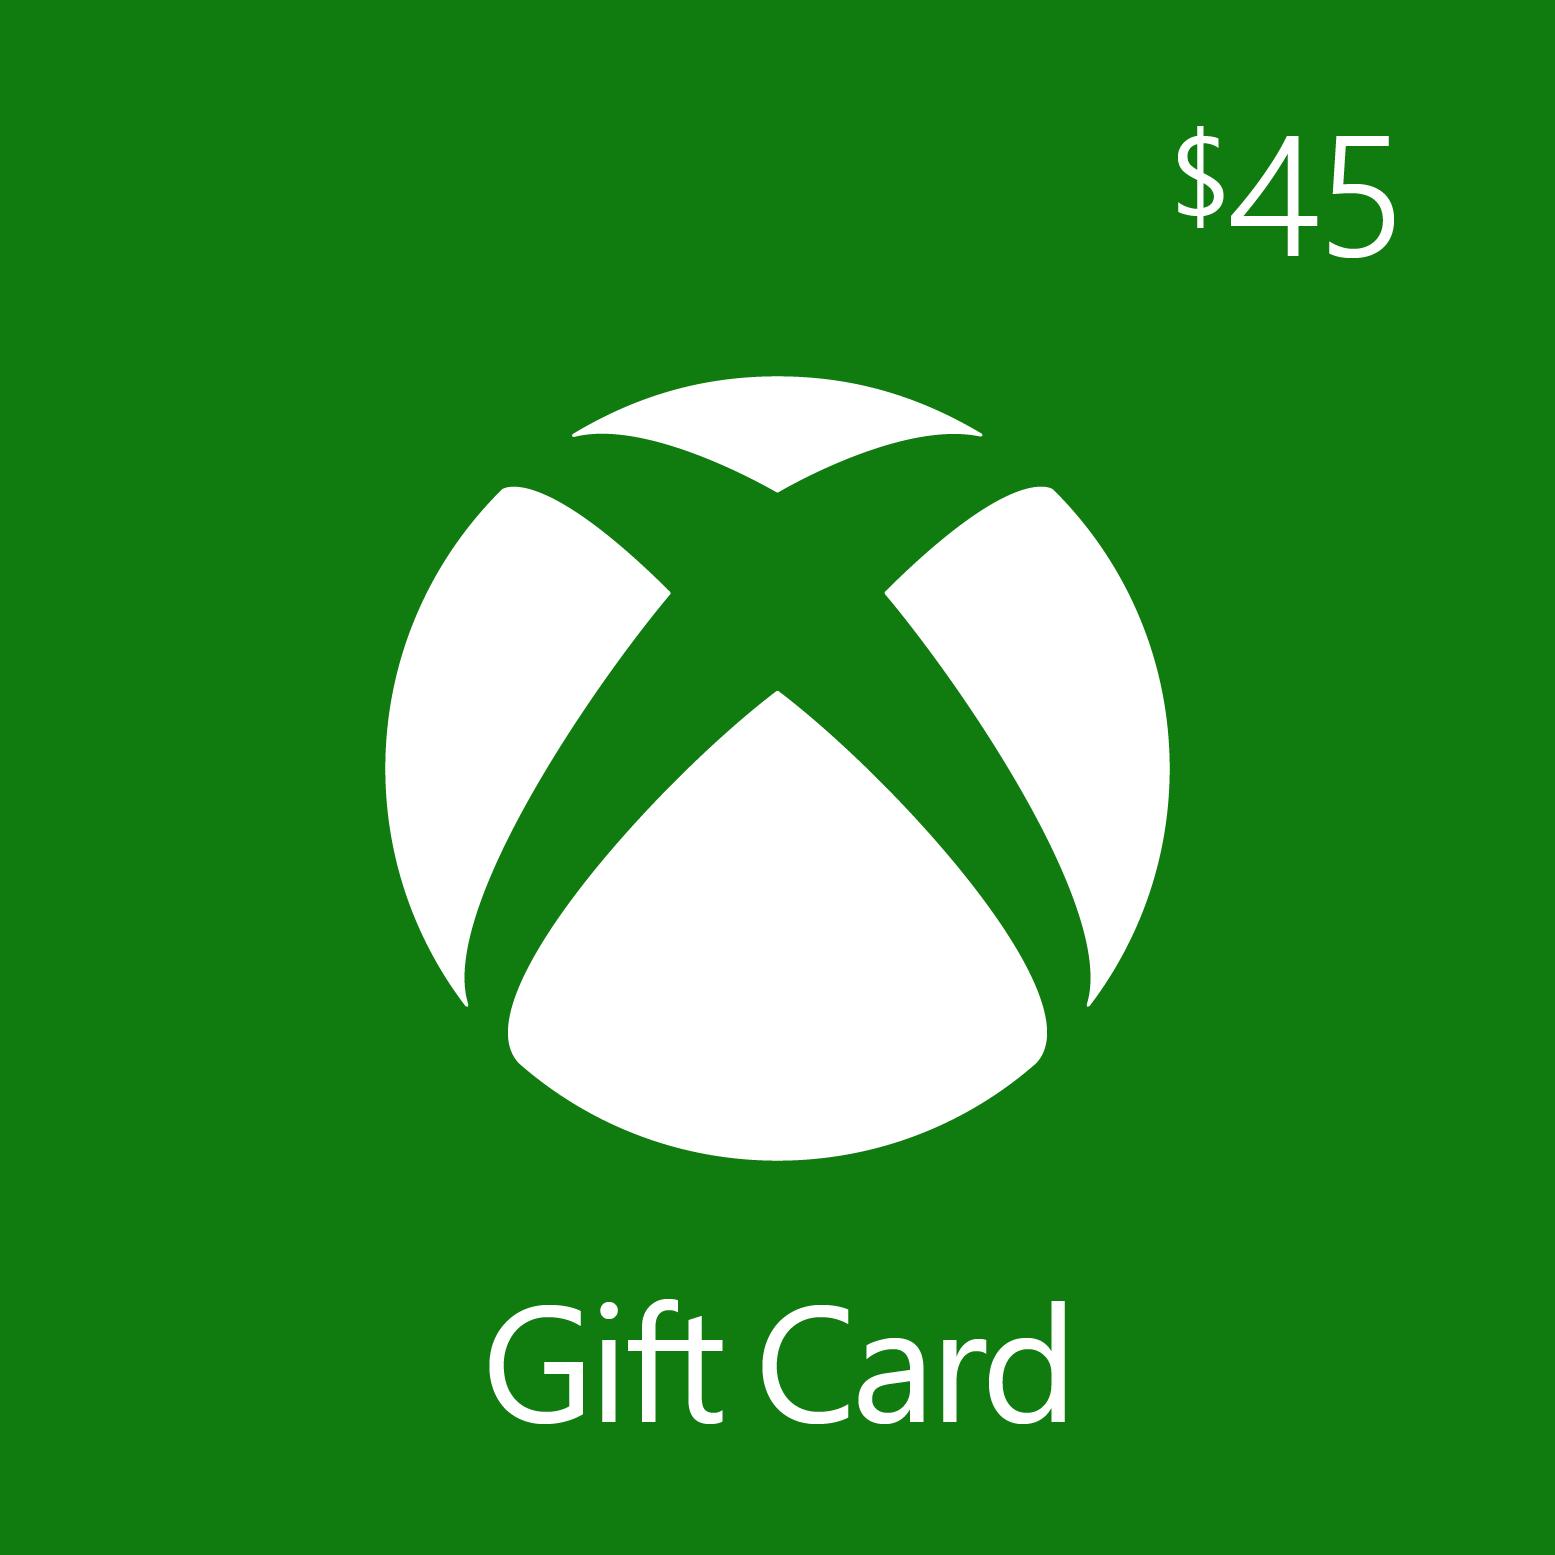 $45.00 Xbox Digital Gift Card